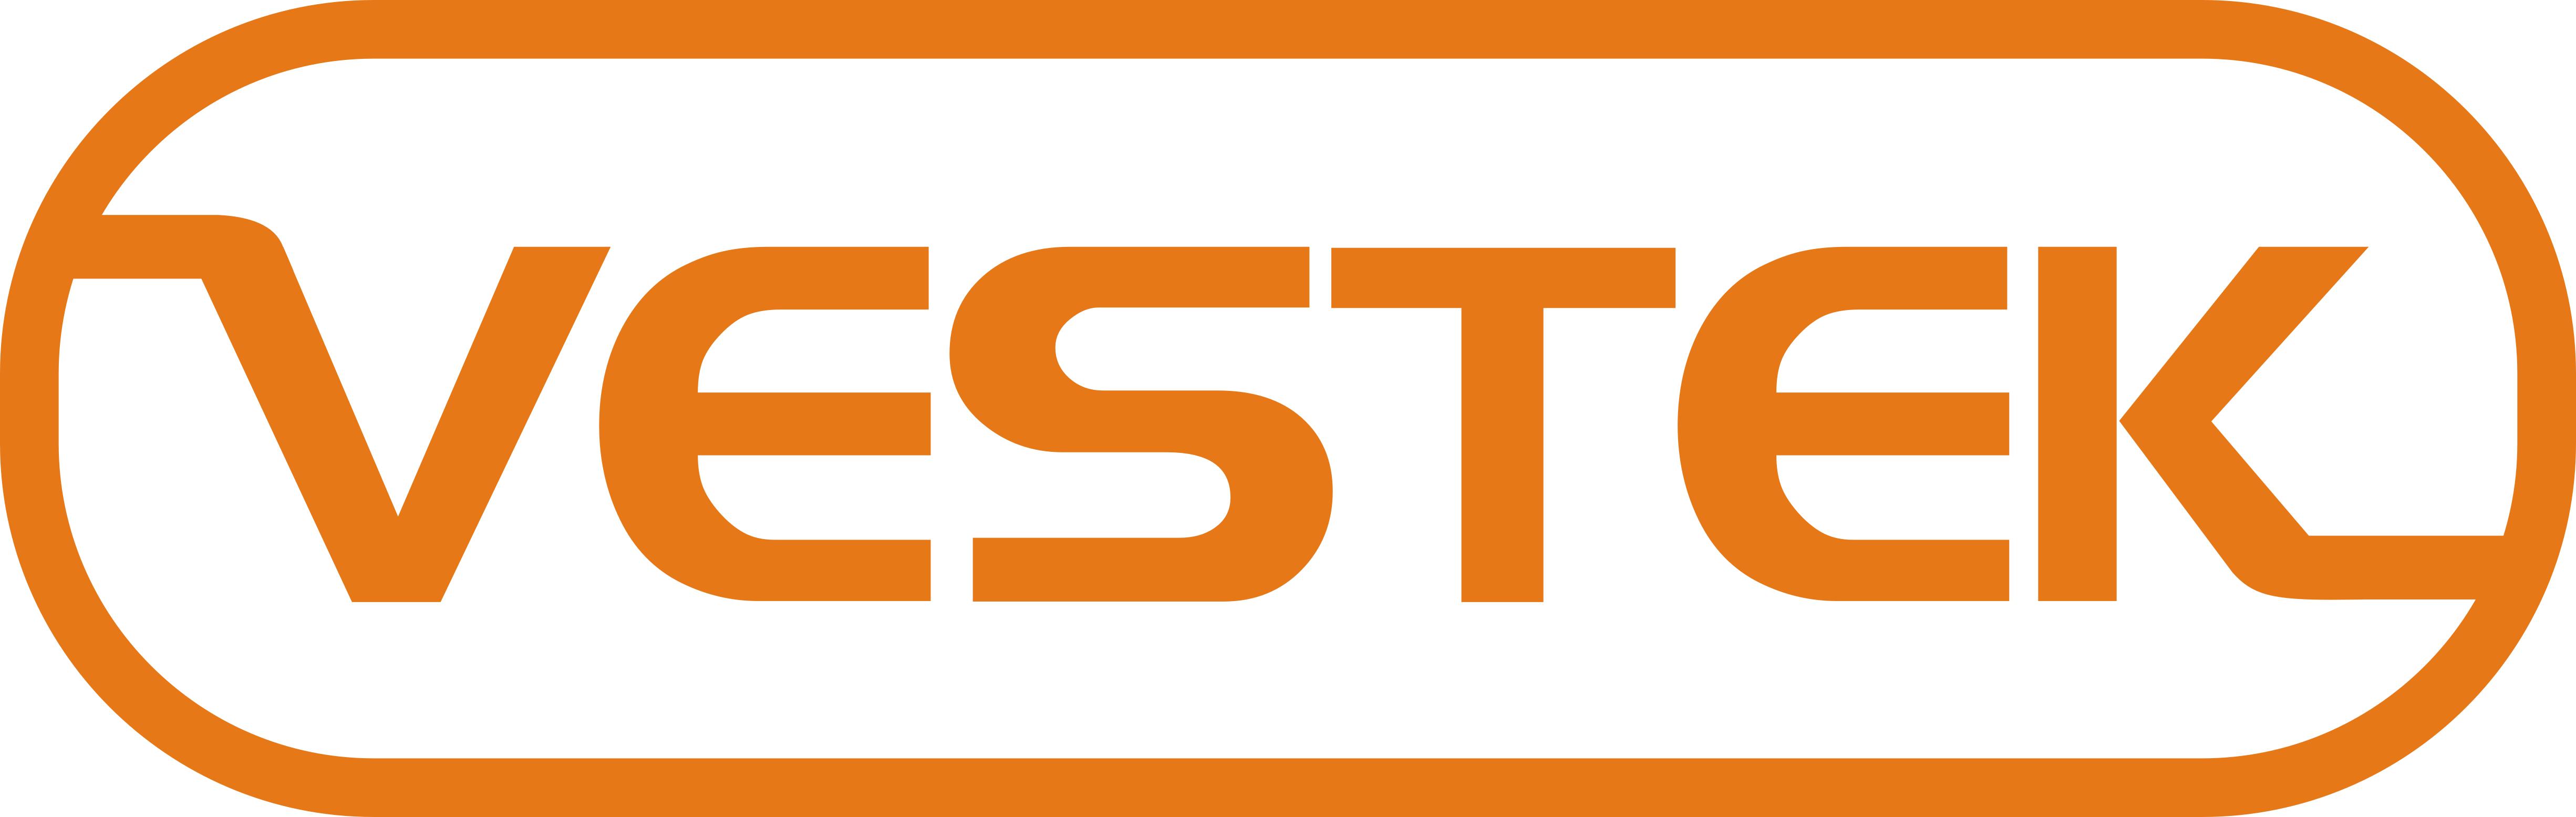 (주)베스테크의 기업로고